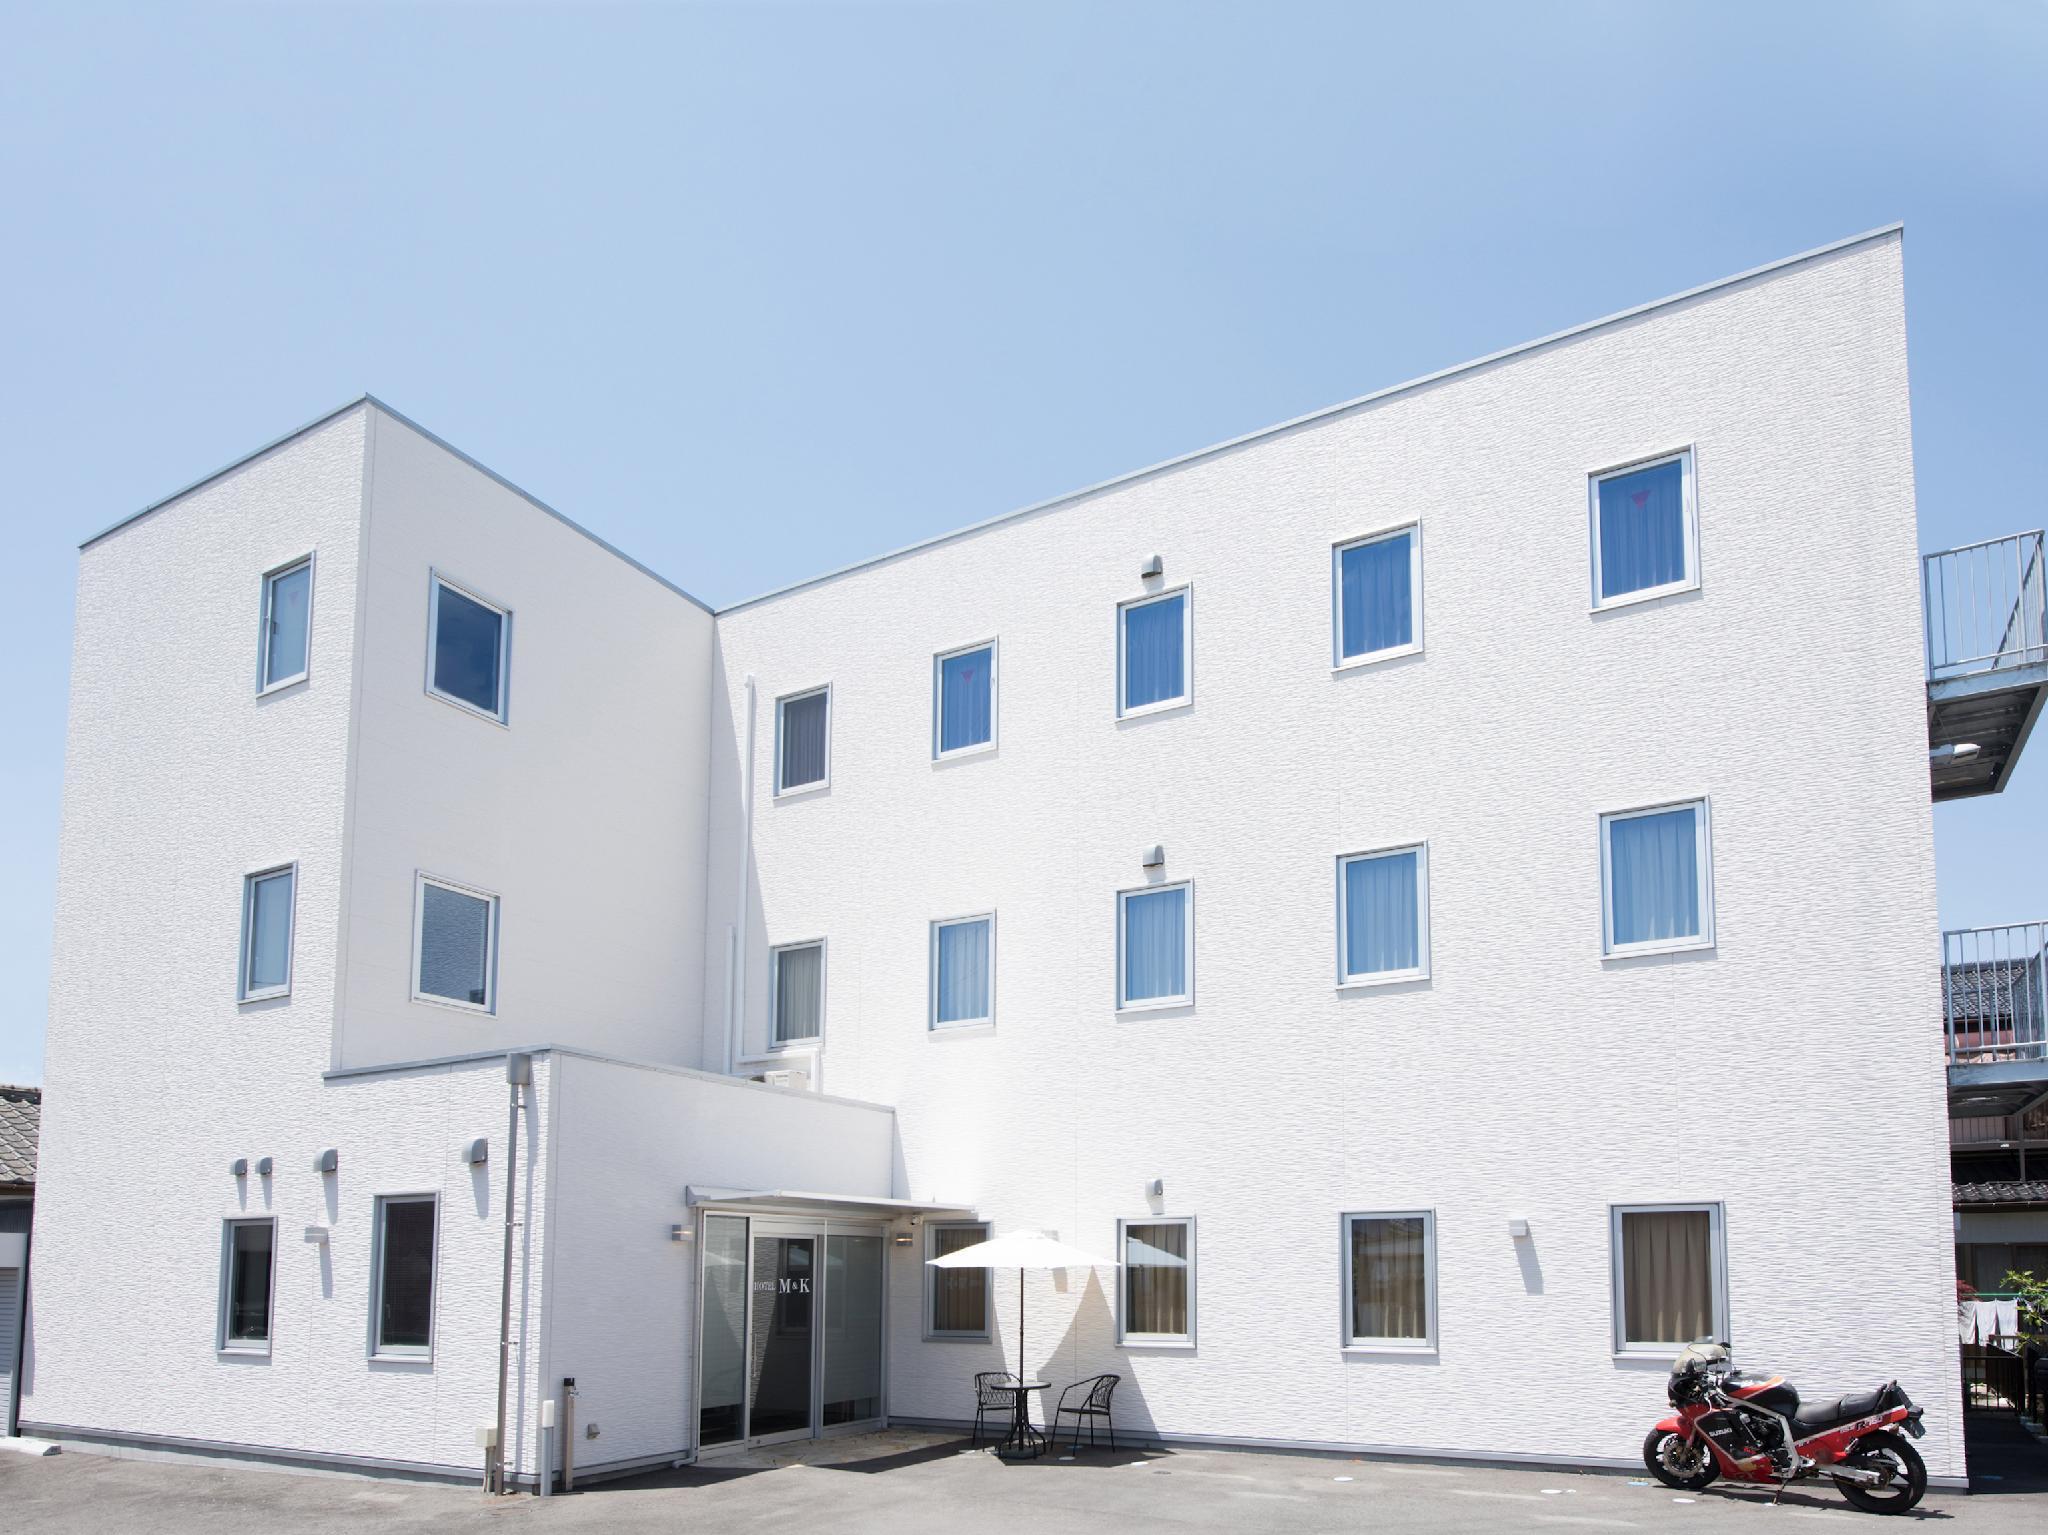 OYO 559 Hotel M & K, Higashimatsushima